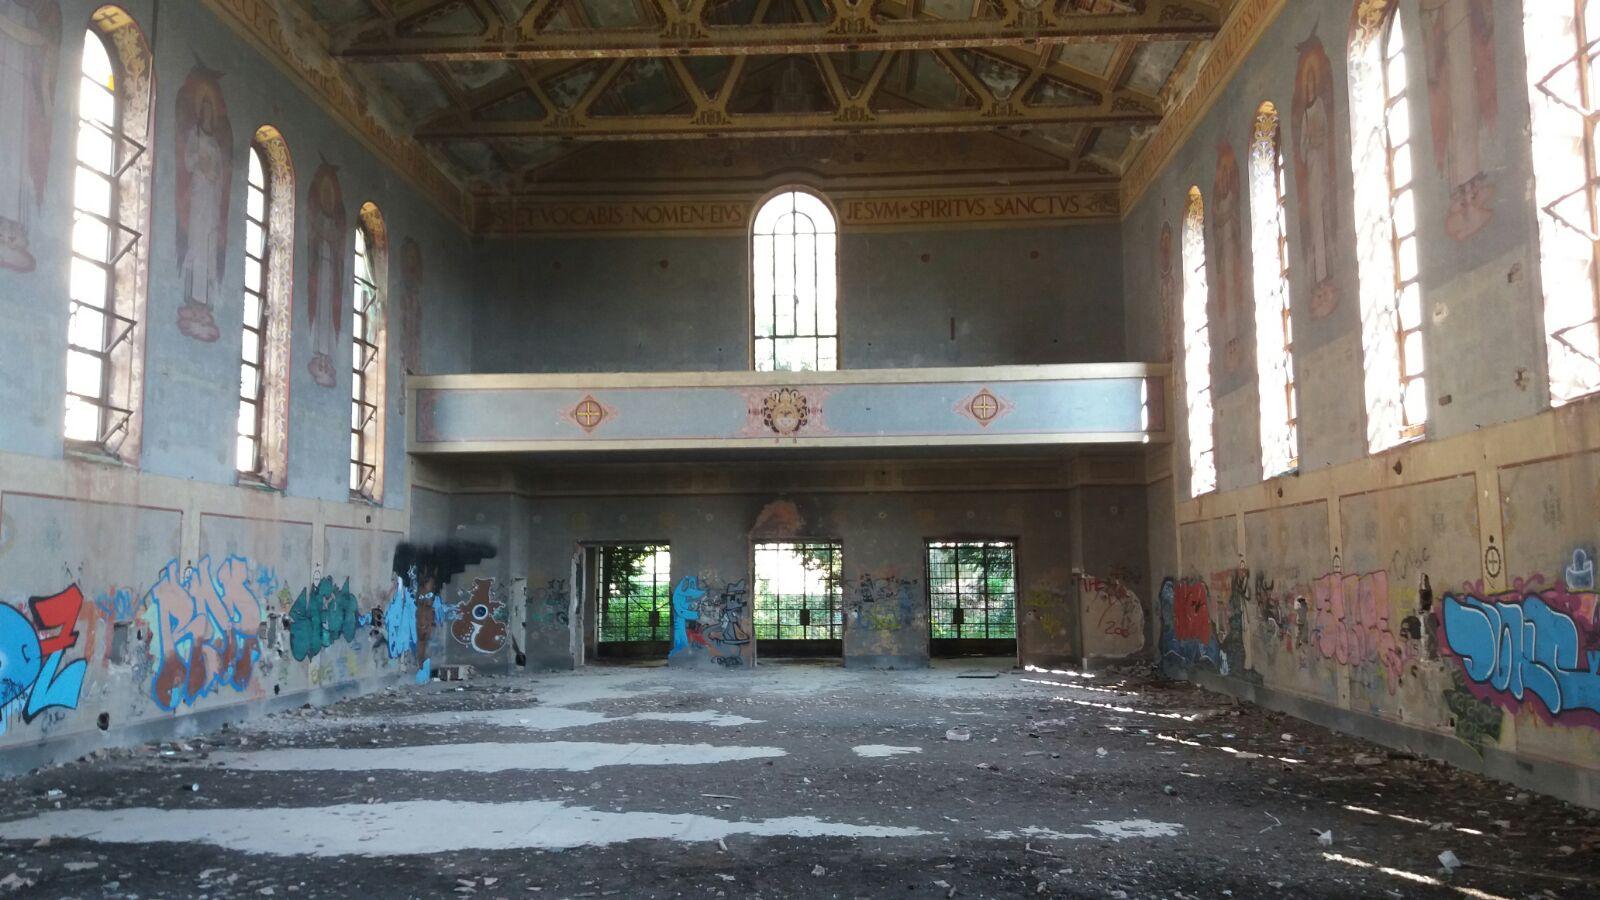 Chiesa sconsacrata ex seminario regionale salerno alla for Pulizie domestiche salerno